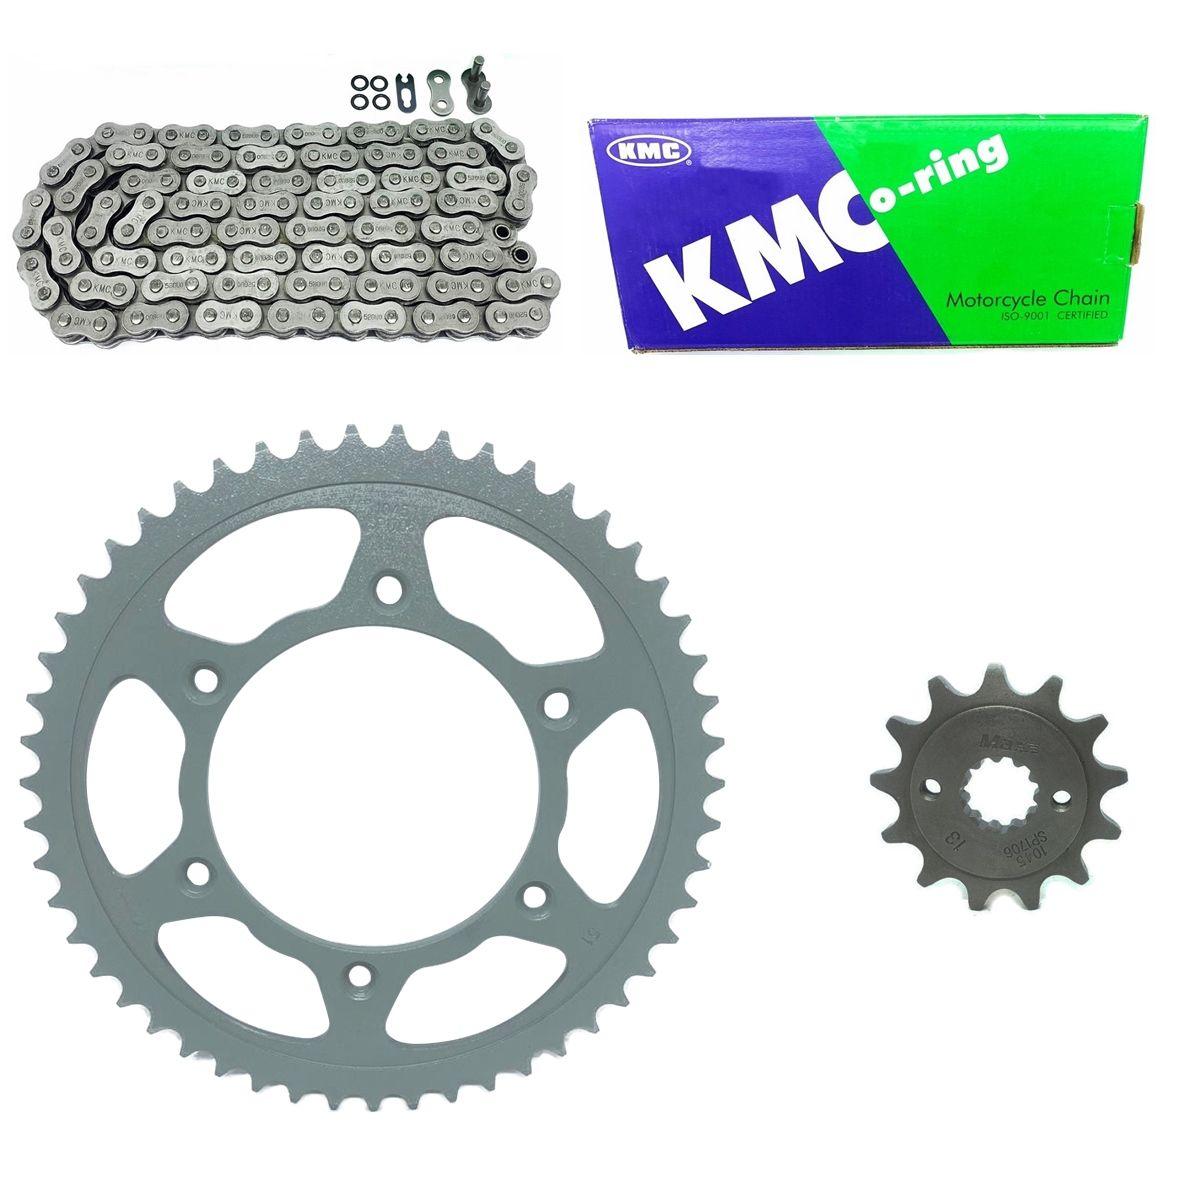 Kit Coroa e Pinhão Maxx Premium Corrente Kmc Com Retentor Crf 230 50x13